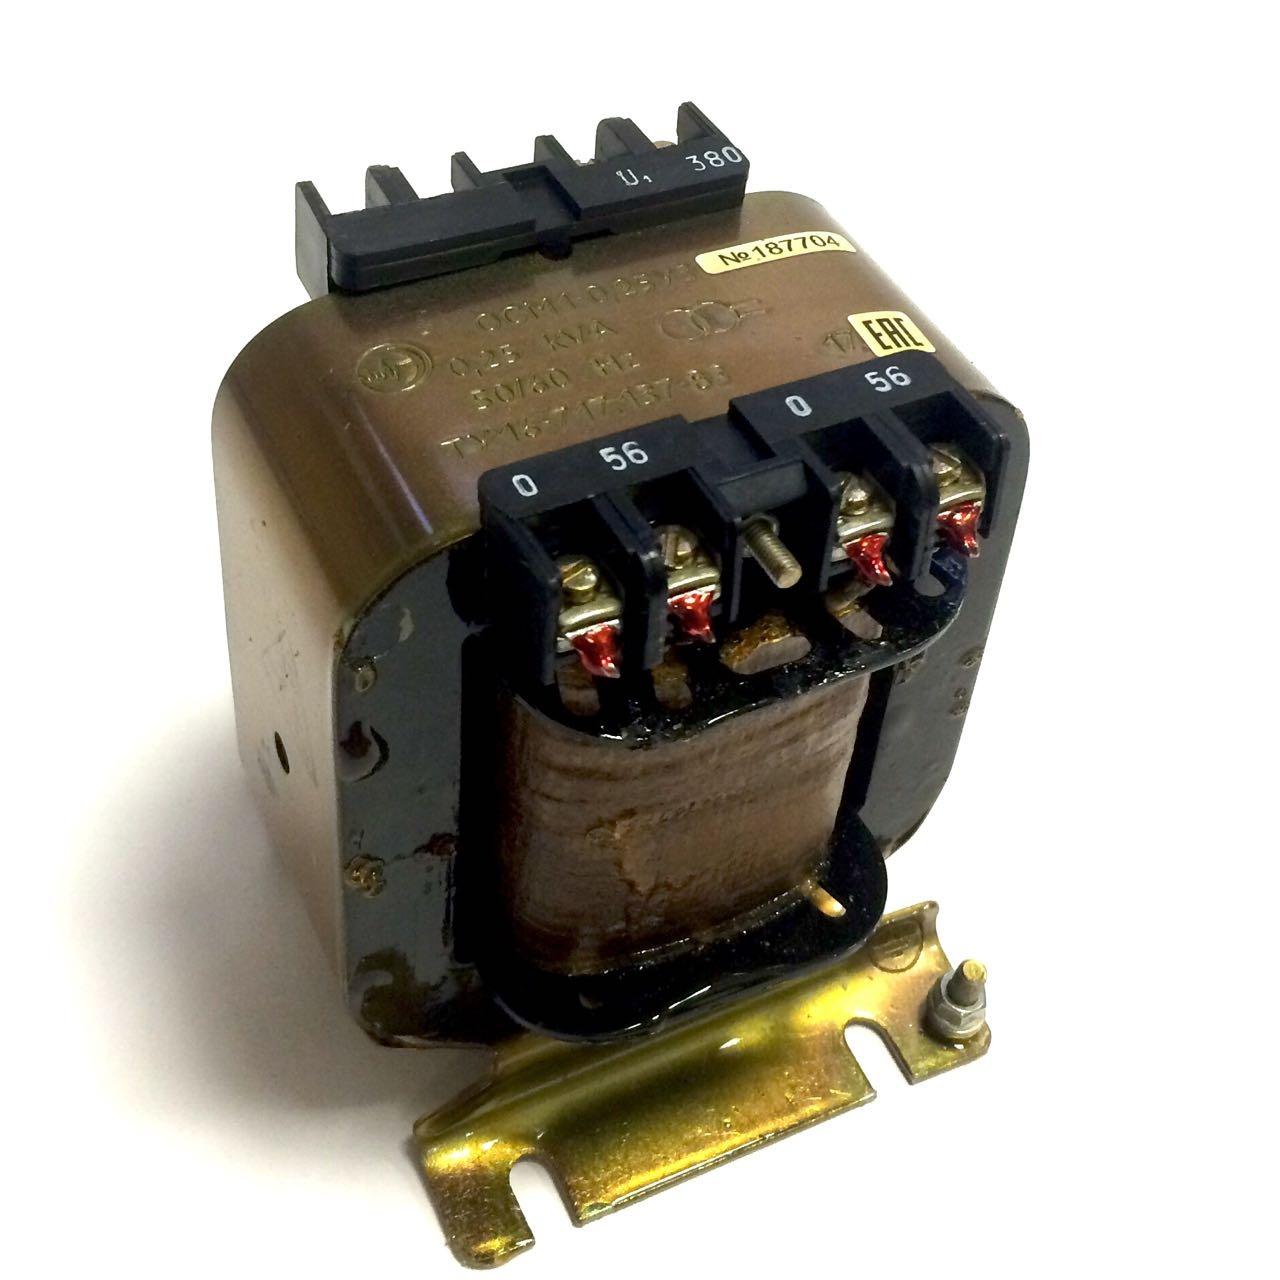 Описание и характеристики трансформатора омп